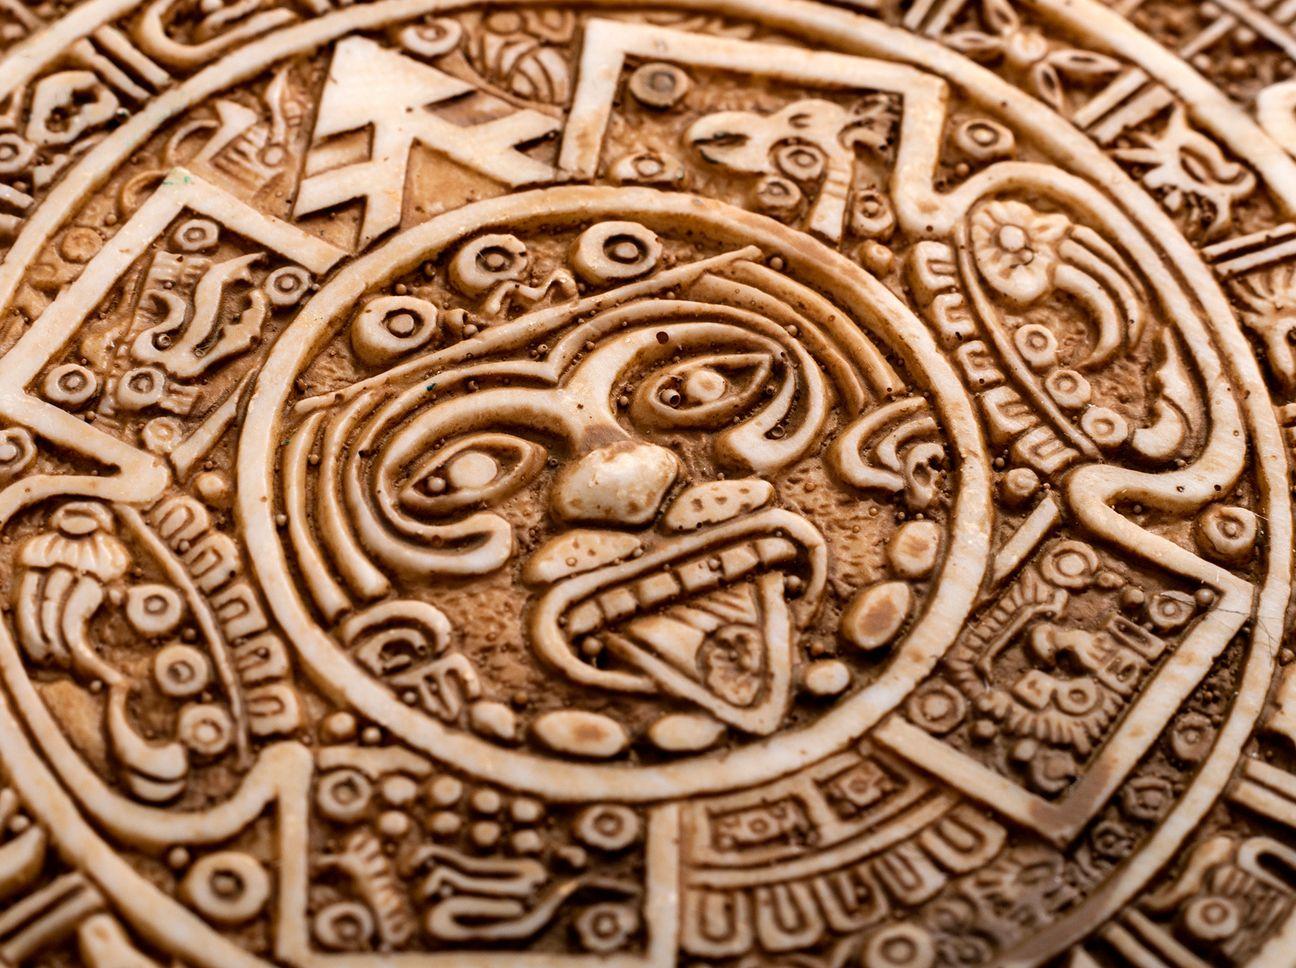 Das verrät dein Maya-Sternzeichen über dich | Sternzeichen